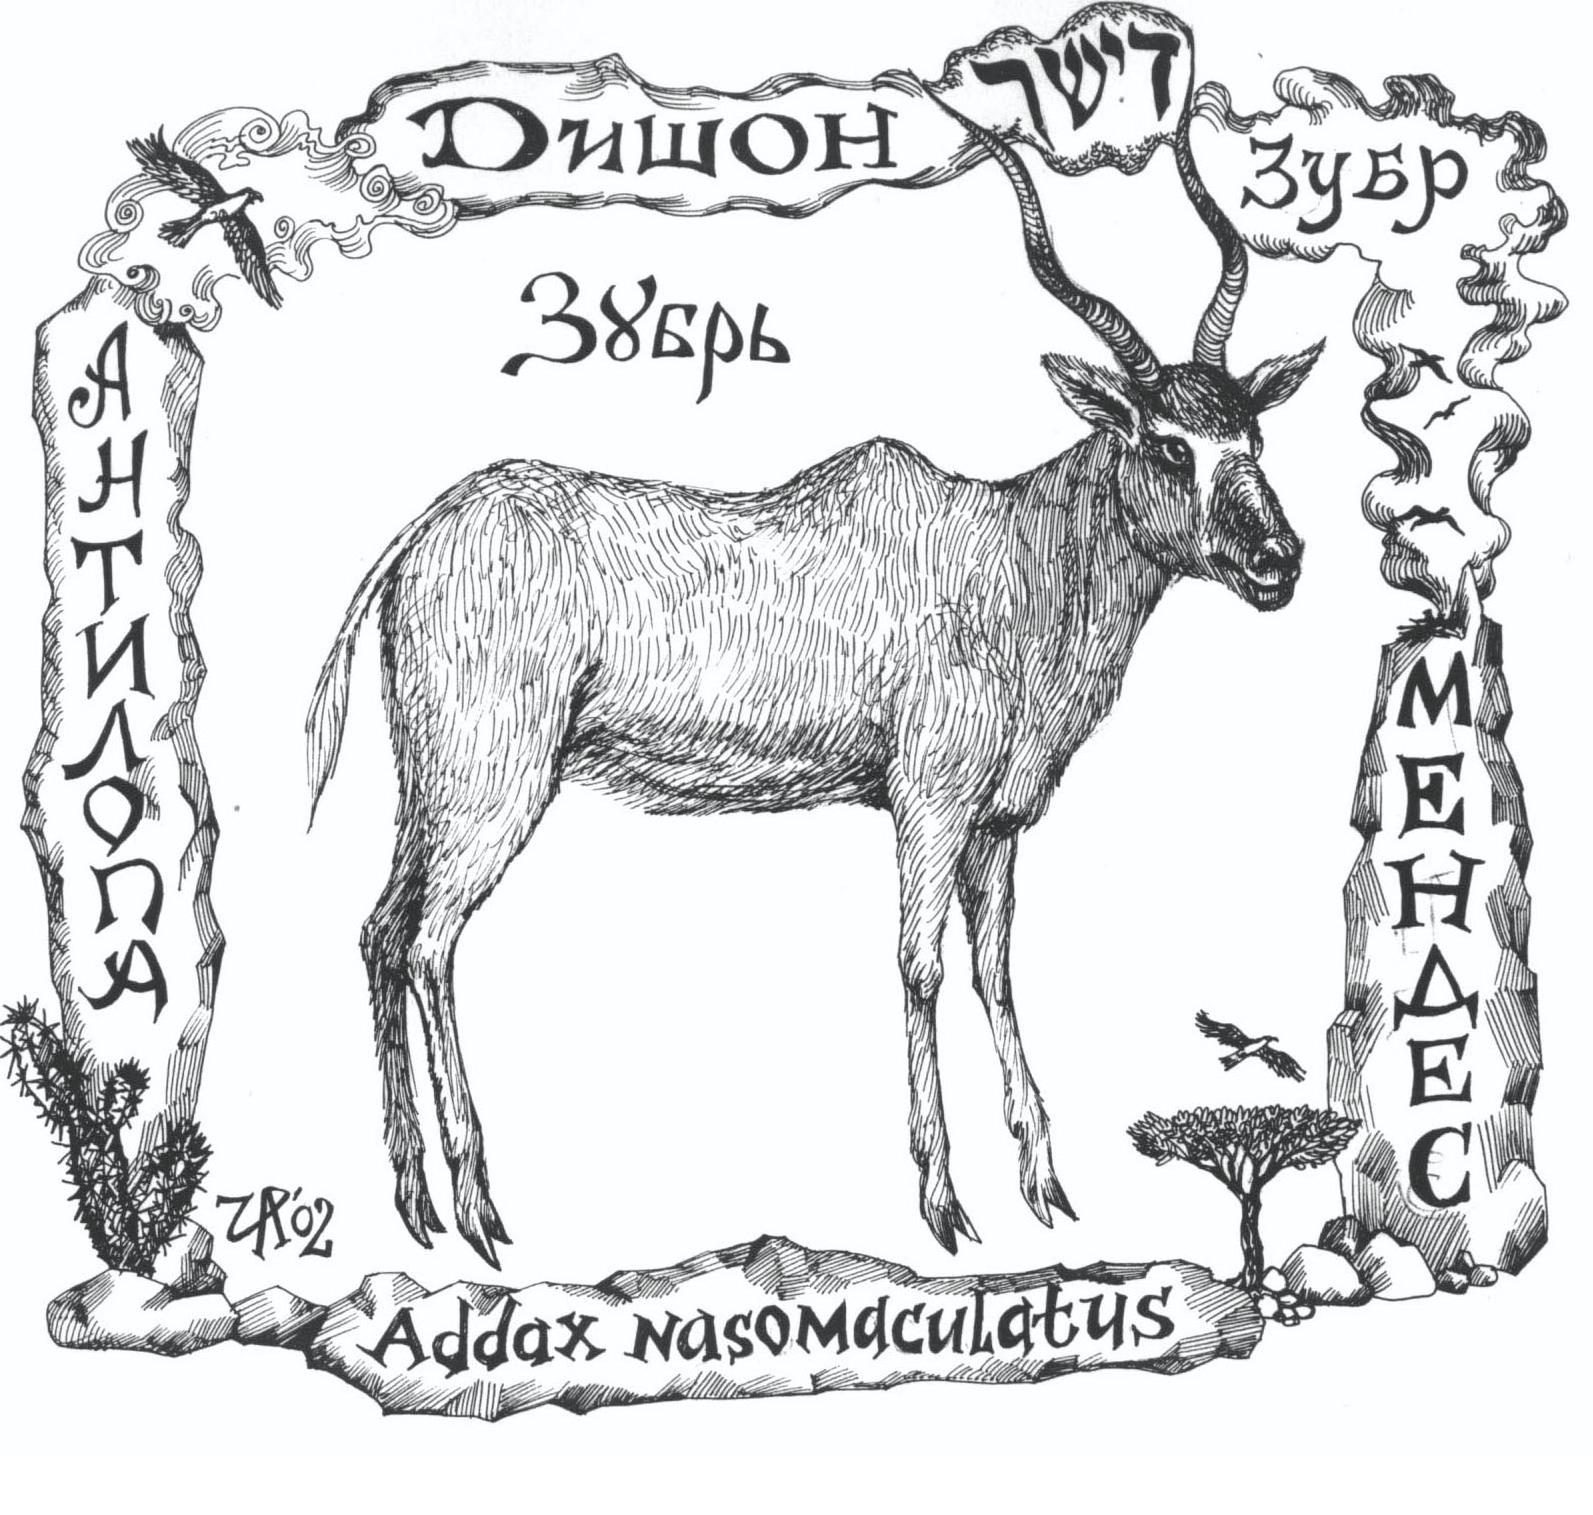 Дишон - африканская антилопа подсемейства саблерогих антилоп. Рис. Иры Голуб